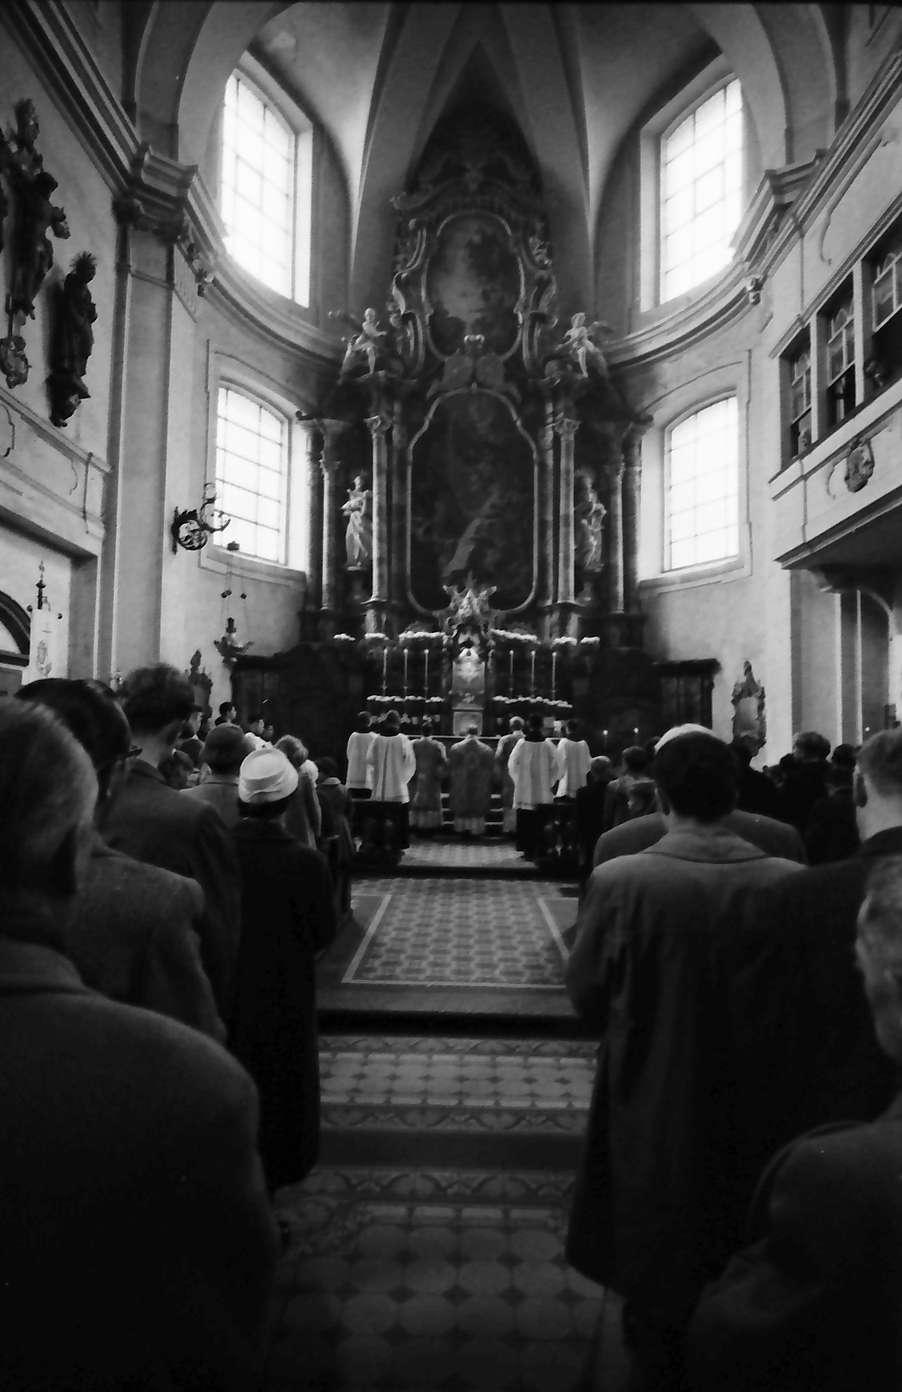 Donaueschingen: Donaueschinger Musiktage; Morgenfeier in der Pfarrkirche, Bild 1